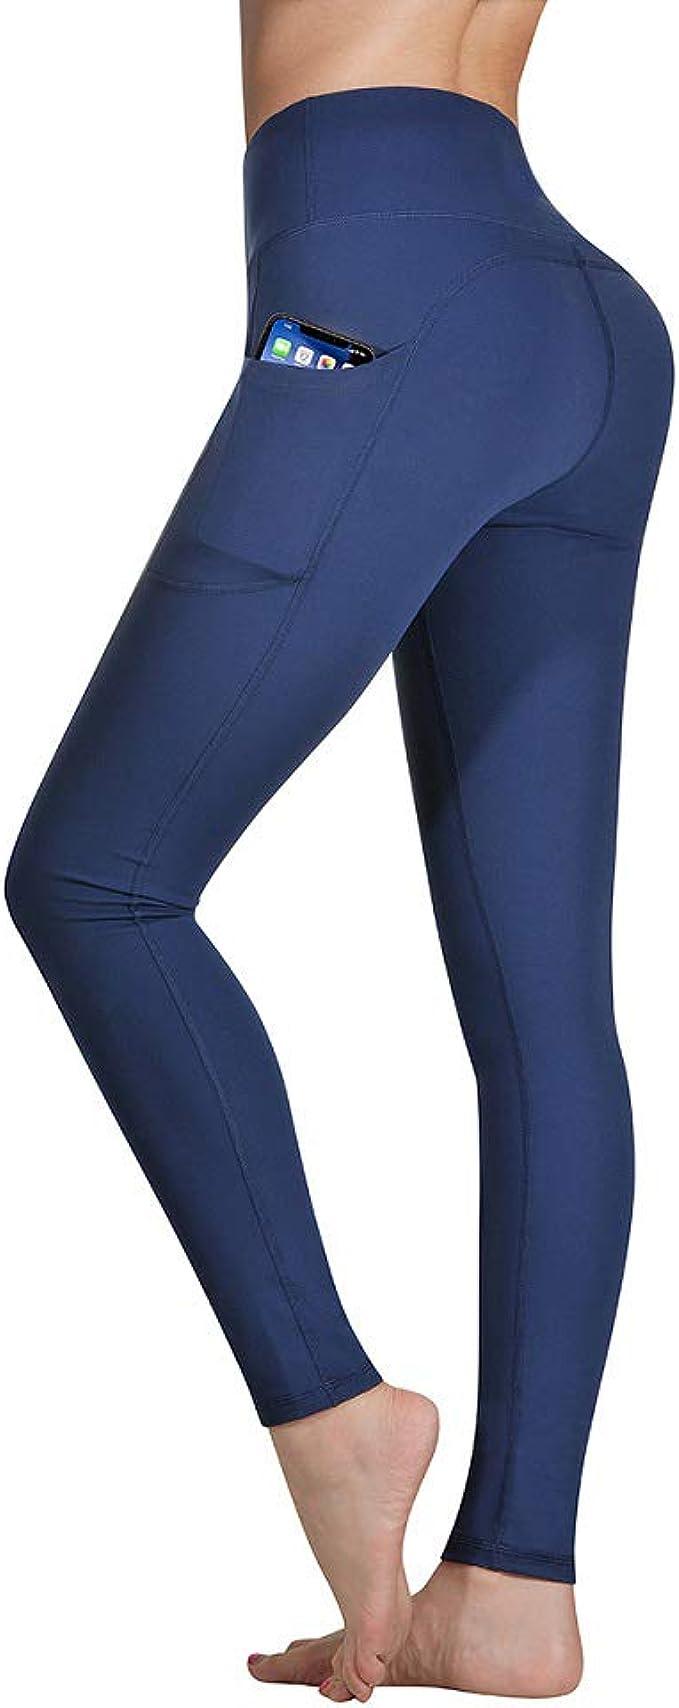 47 opinioni per Occffy Leggings Fitness Donna Allenamento Opaco Vita Alta Yoga Palestra Leggins